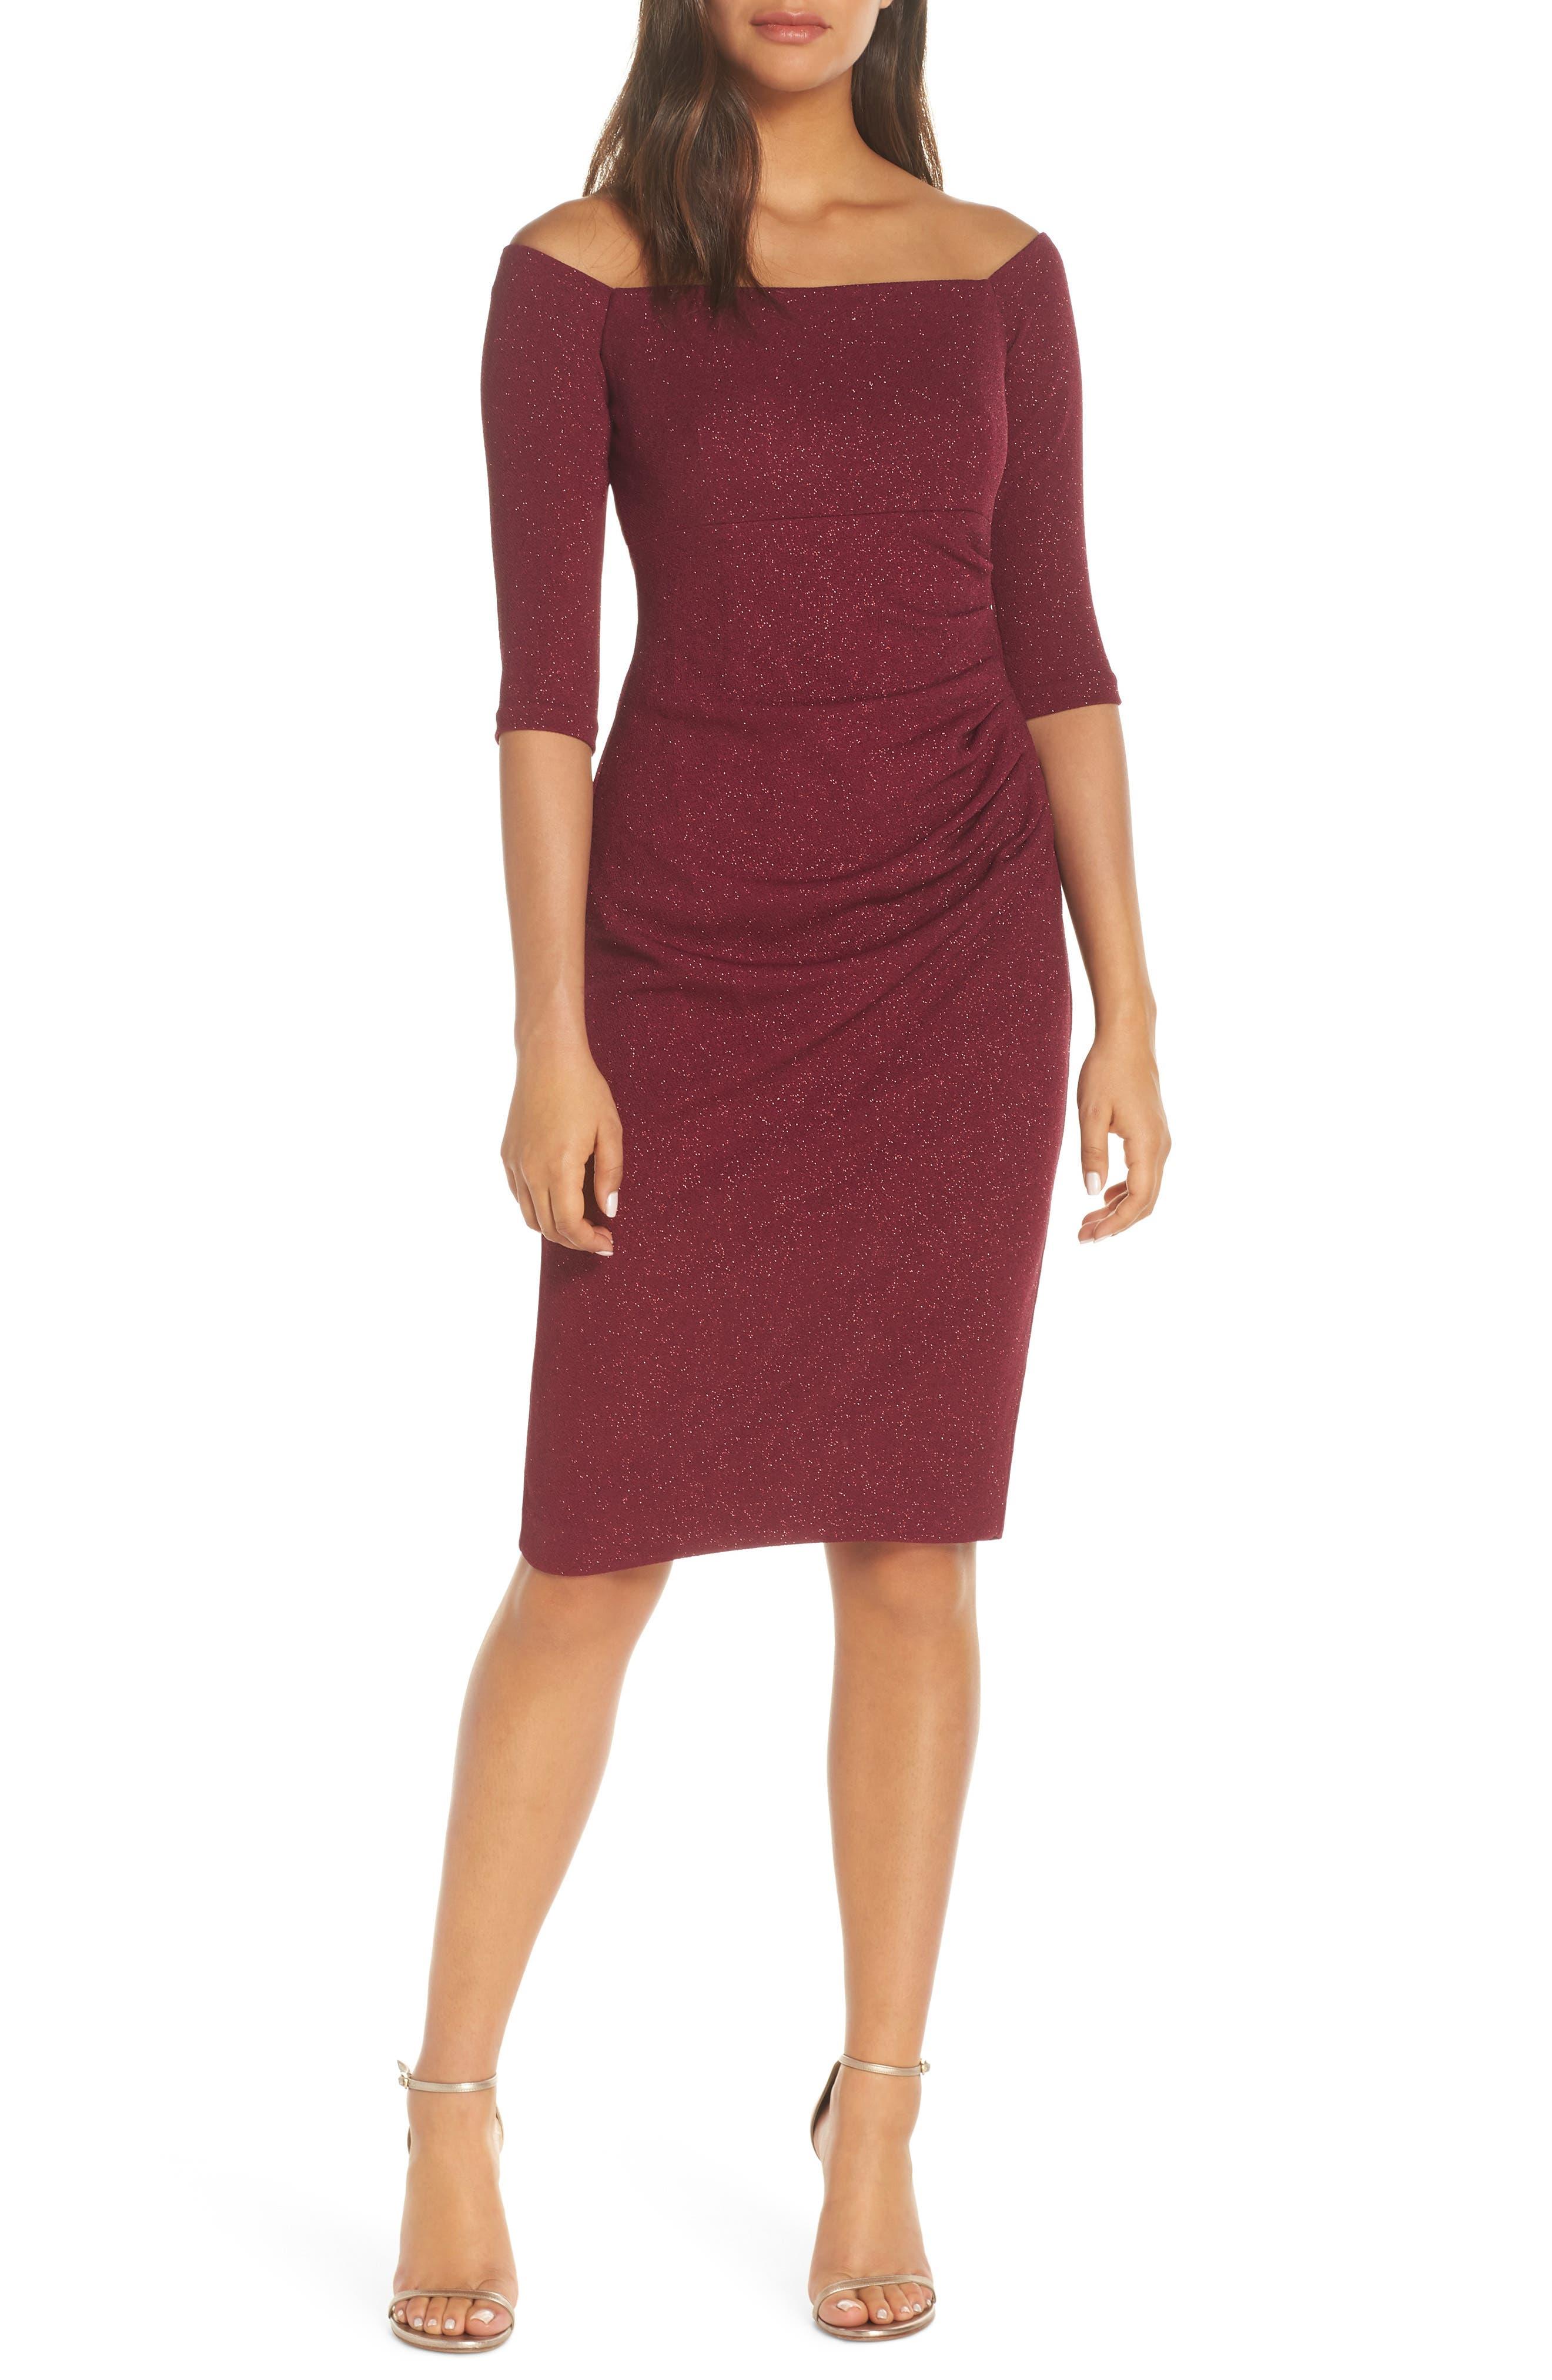 Eliza J Off The Shoulder Sheath Dress, Burgundy